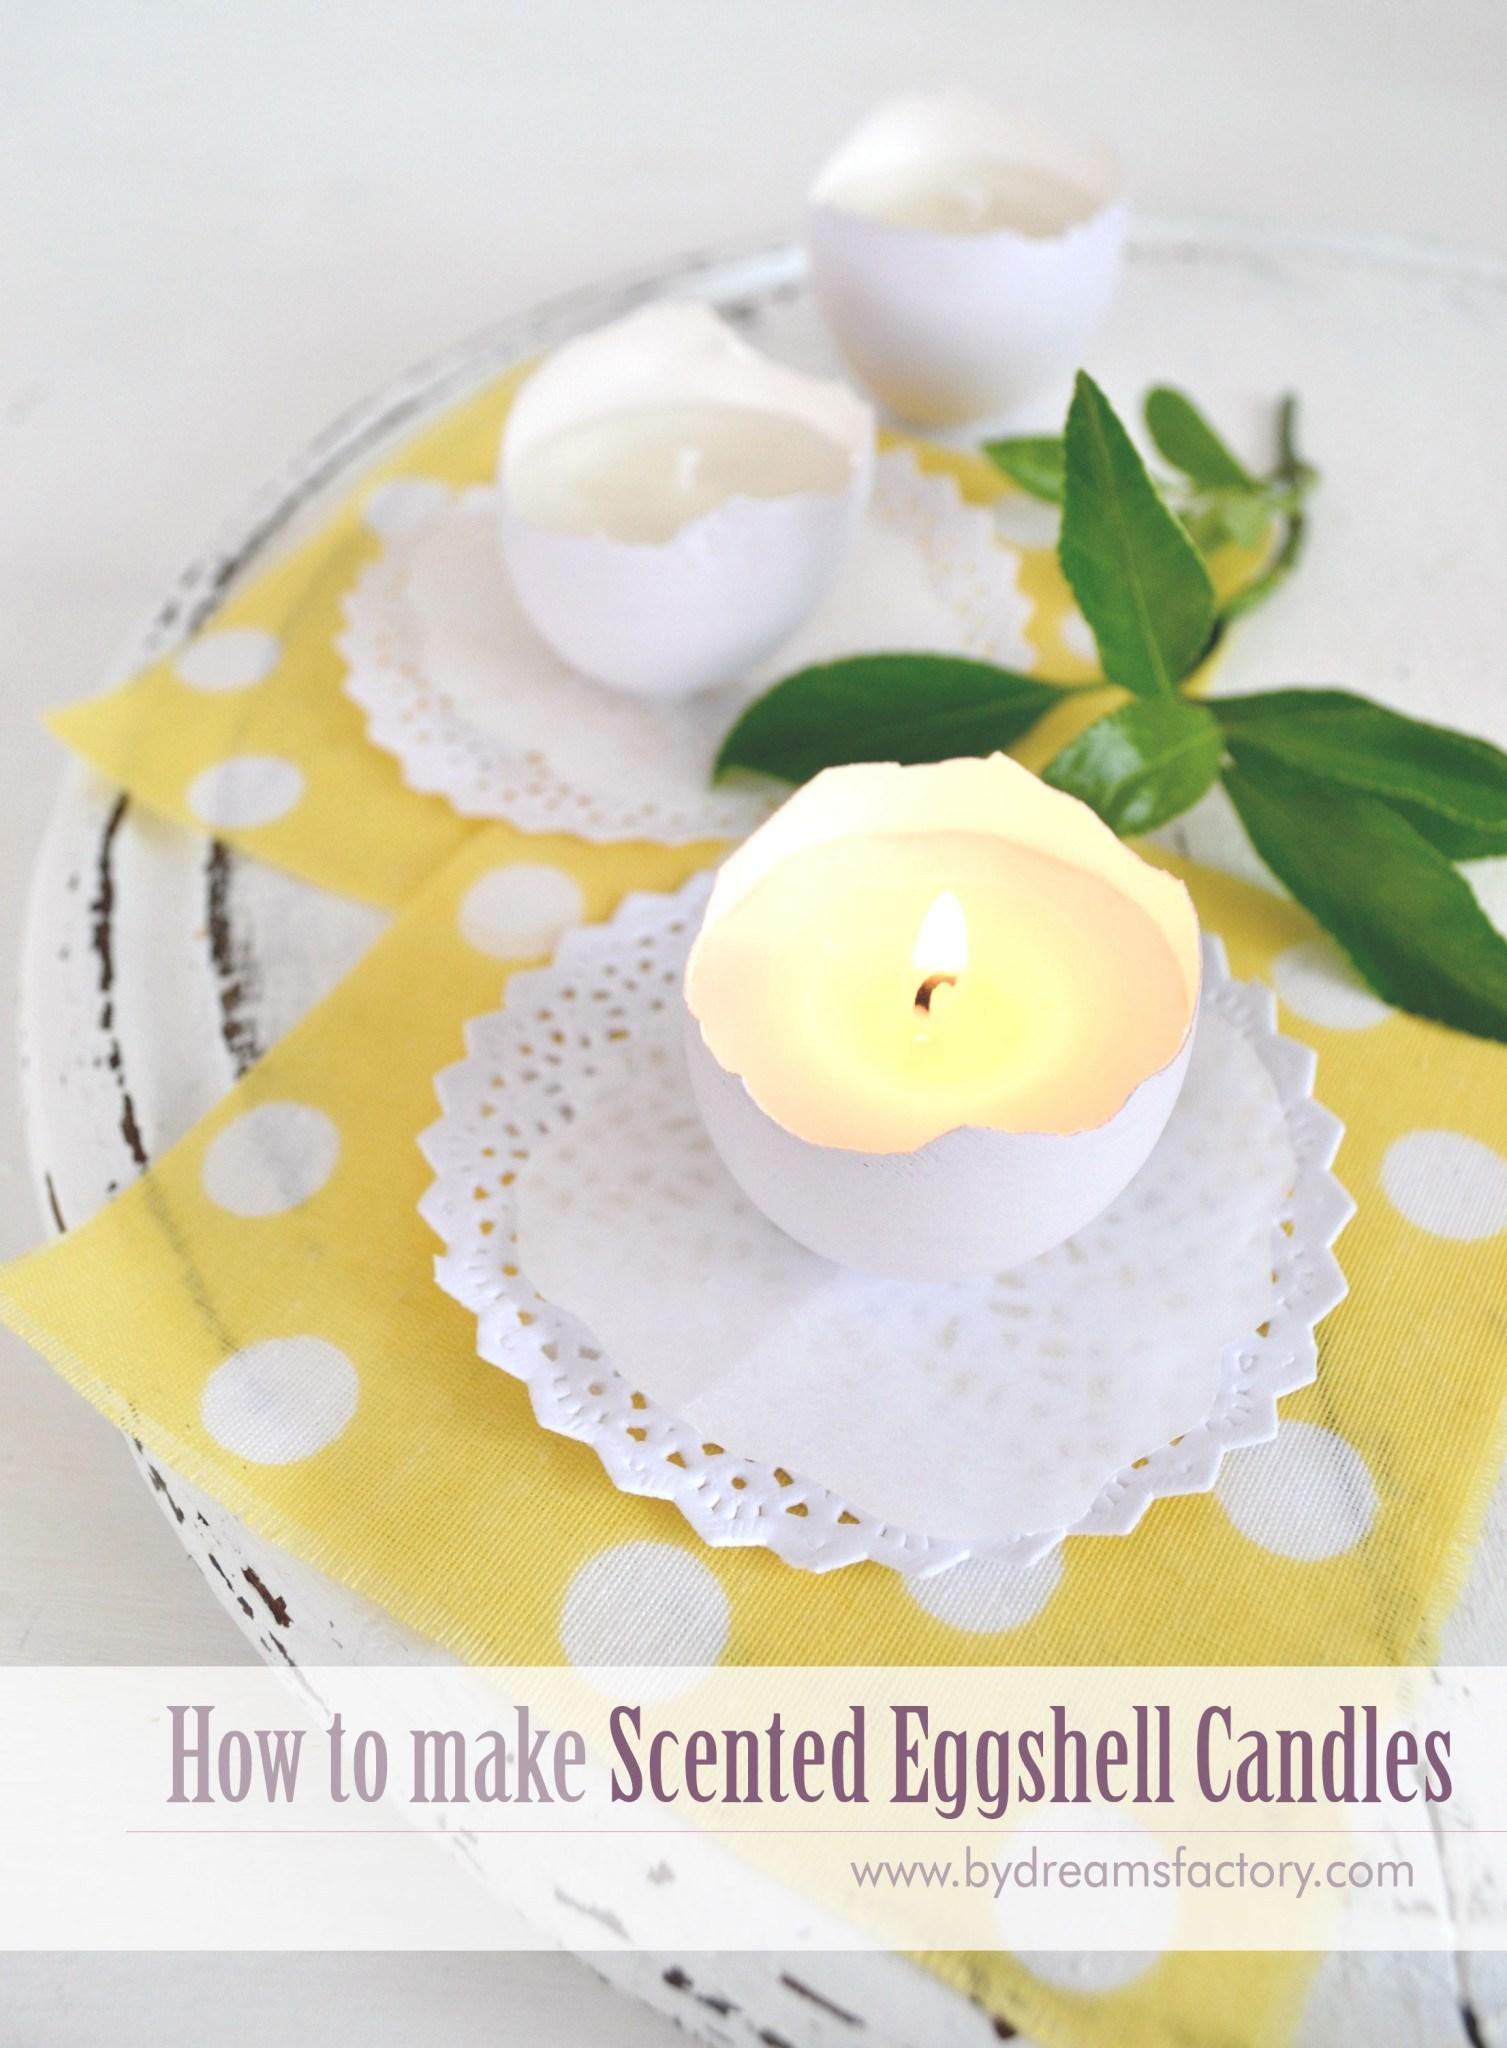 DSC_4572-How-to-make-natural-eggshell-candles-okeiu